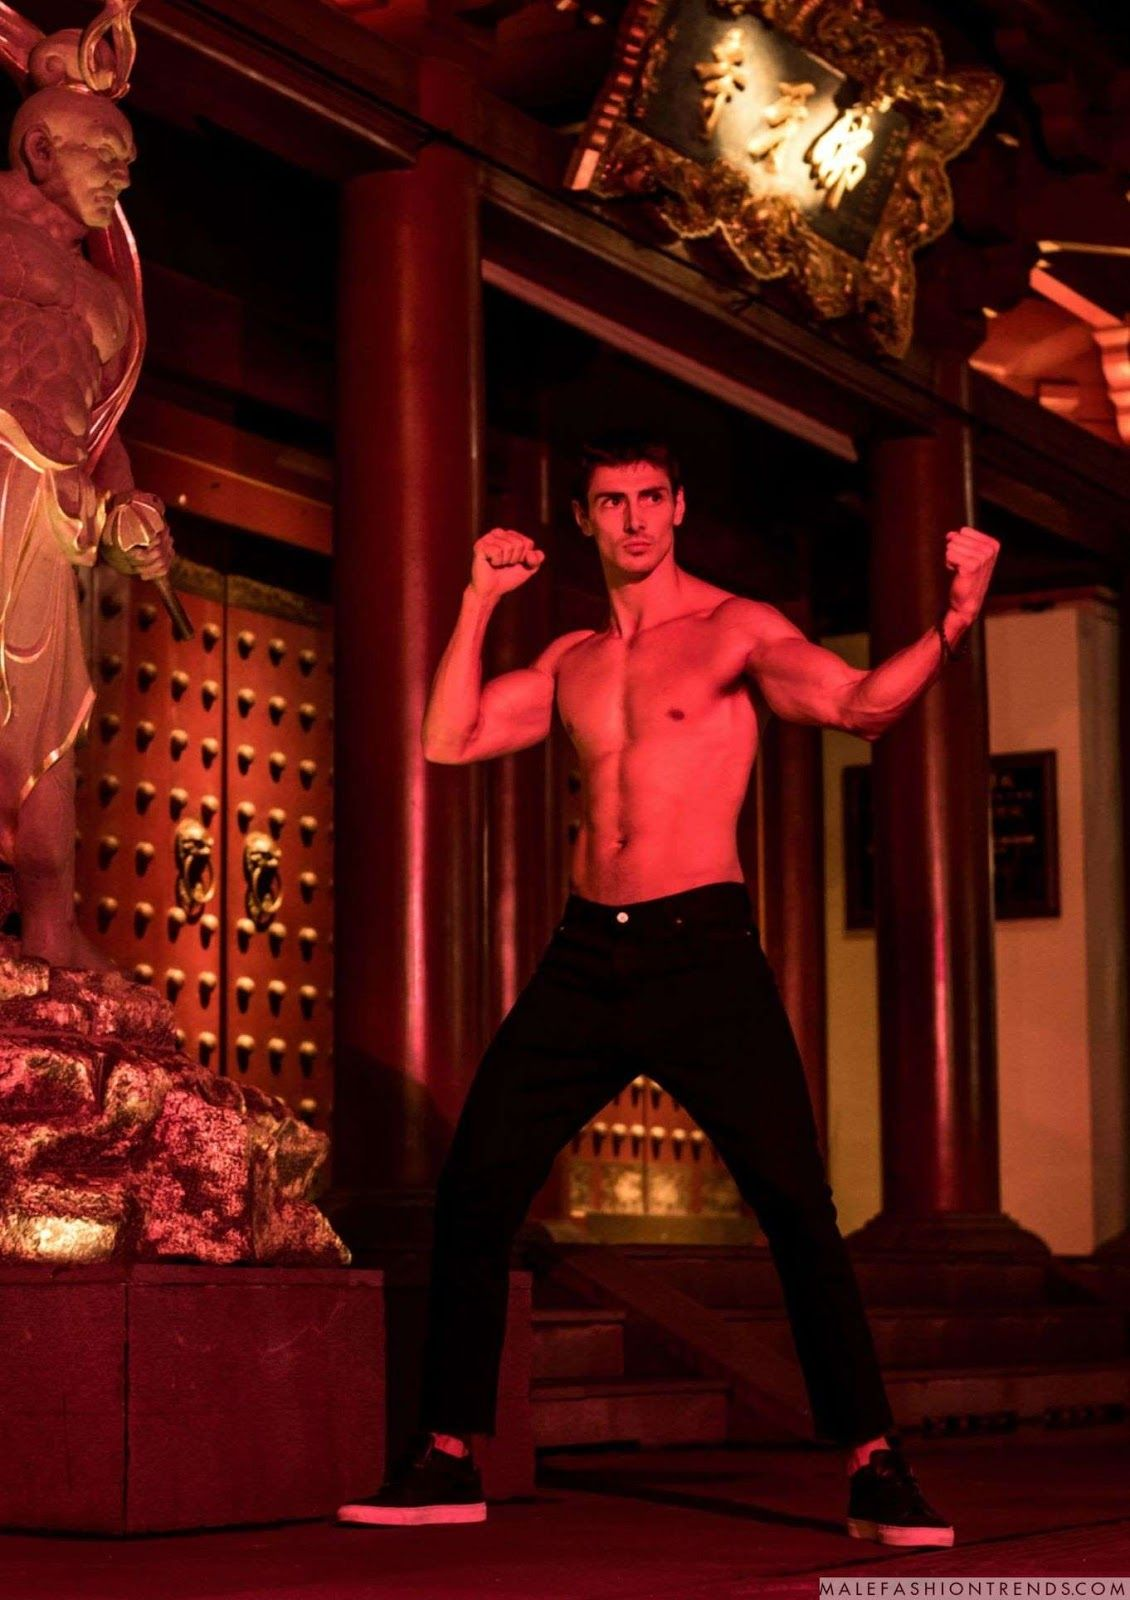 Male Fashion Trends: Elliott Law de noche en Chinatown para COOL Magazine Singapur